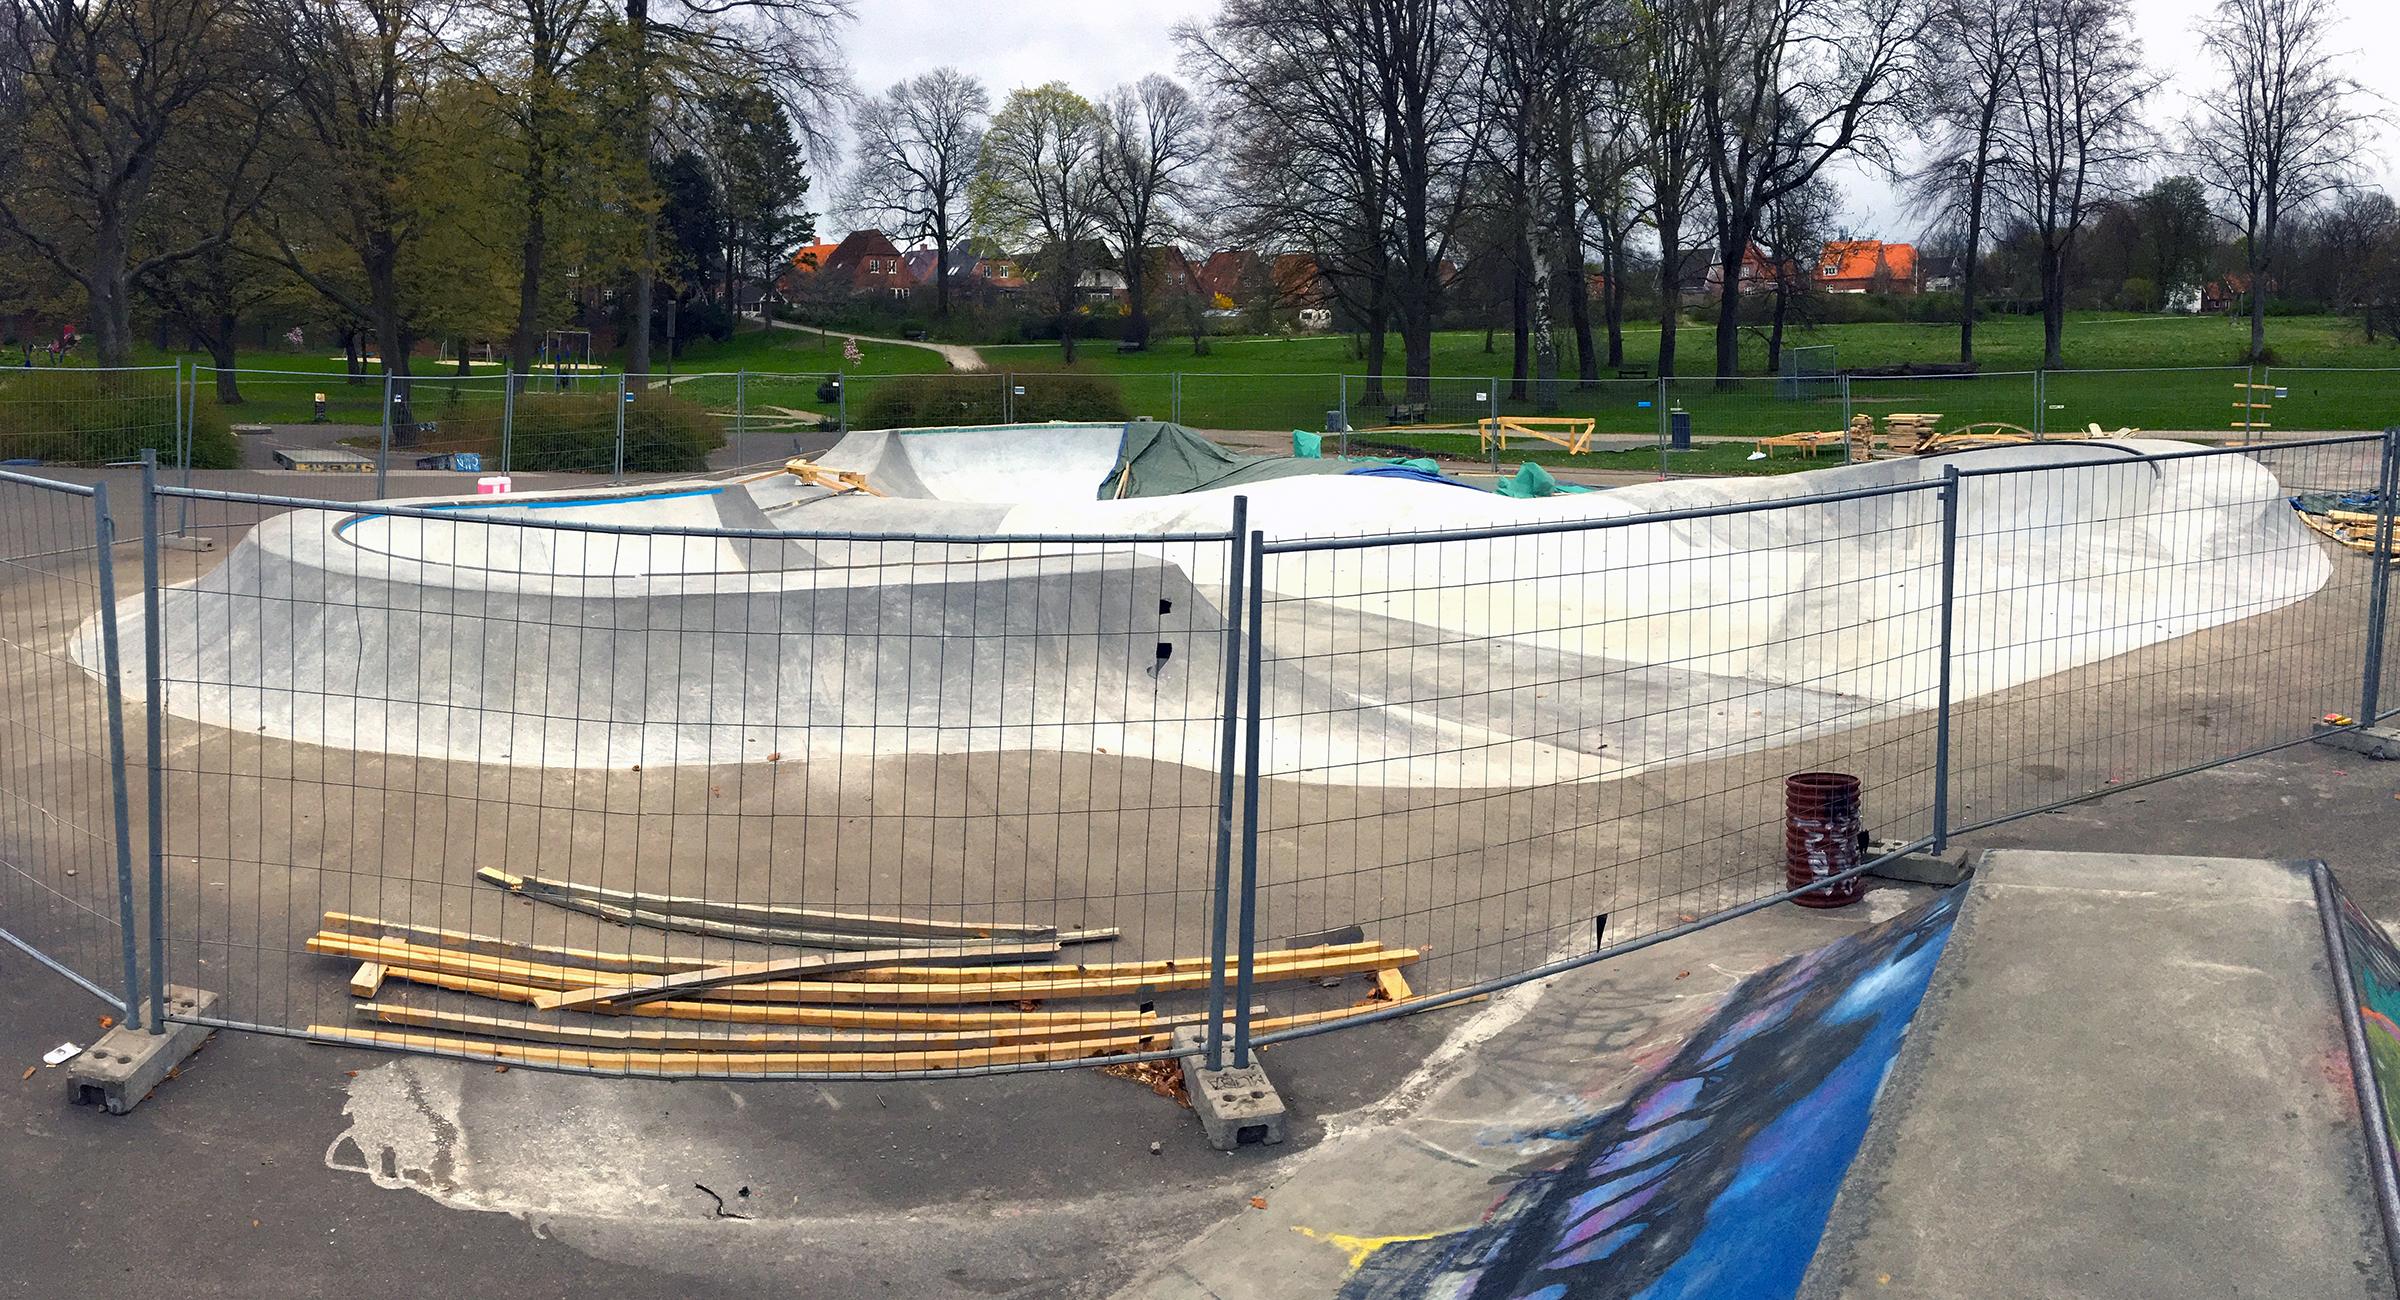 Her ses en indhegnet skatepark under opførsel i en park